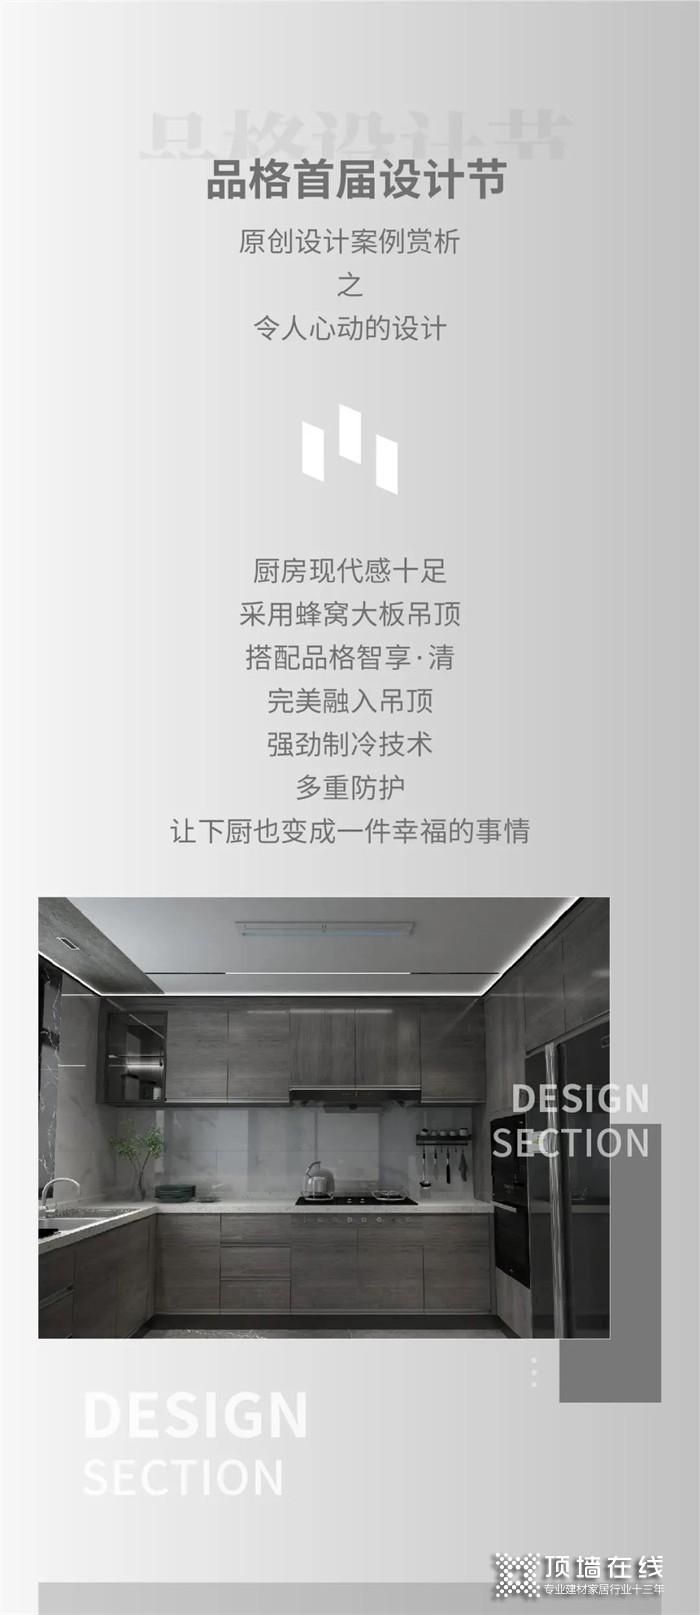 品格首届设计节   原创设计案例赏析(七) 令人心动的设计